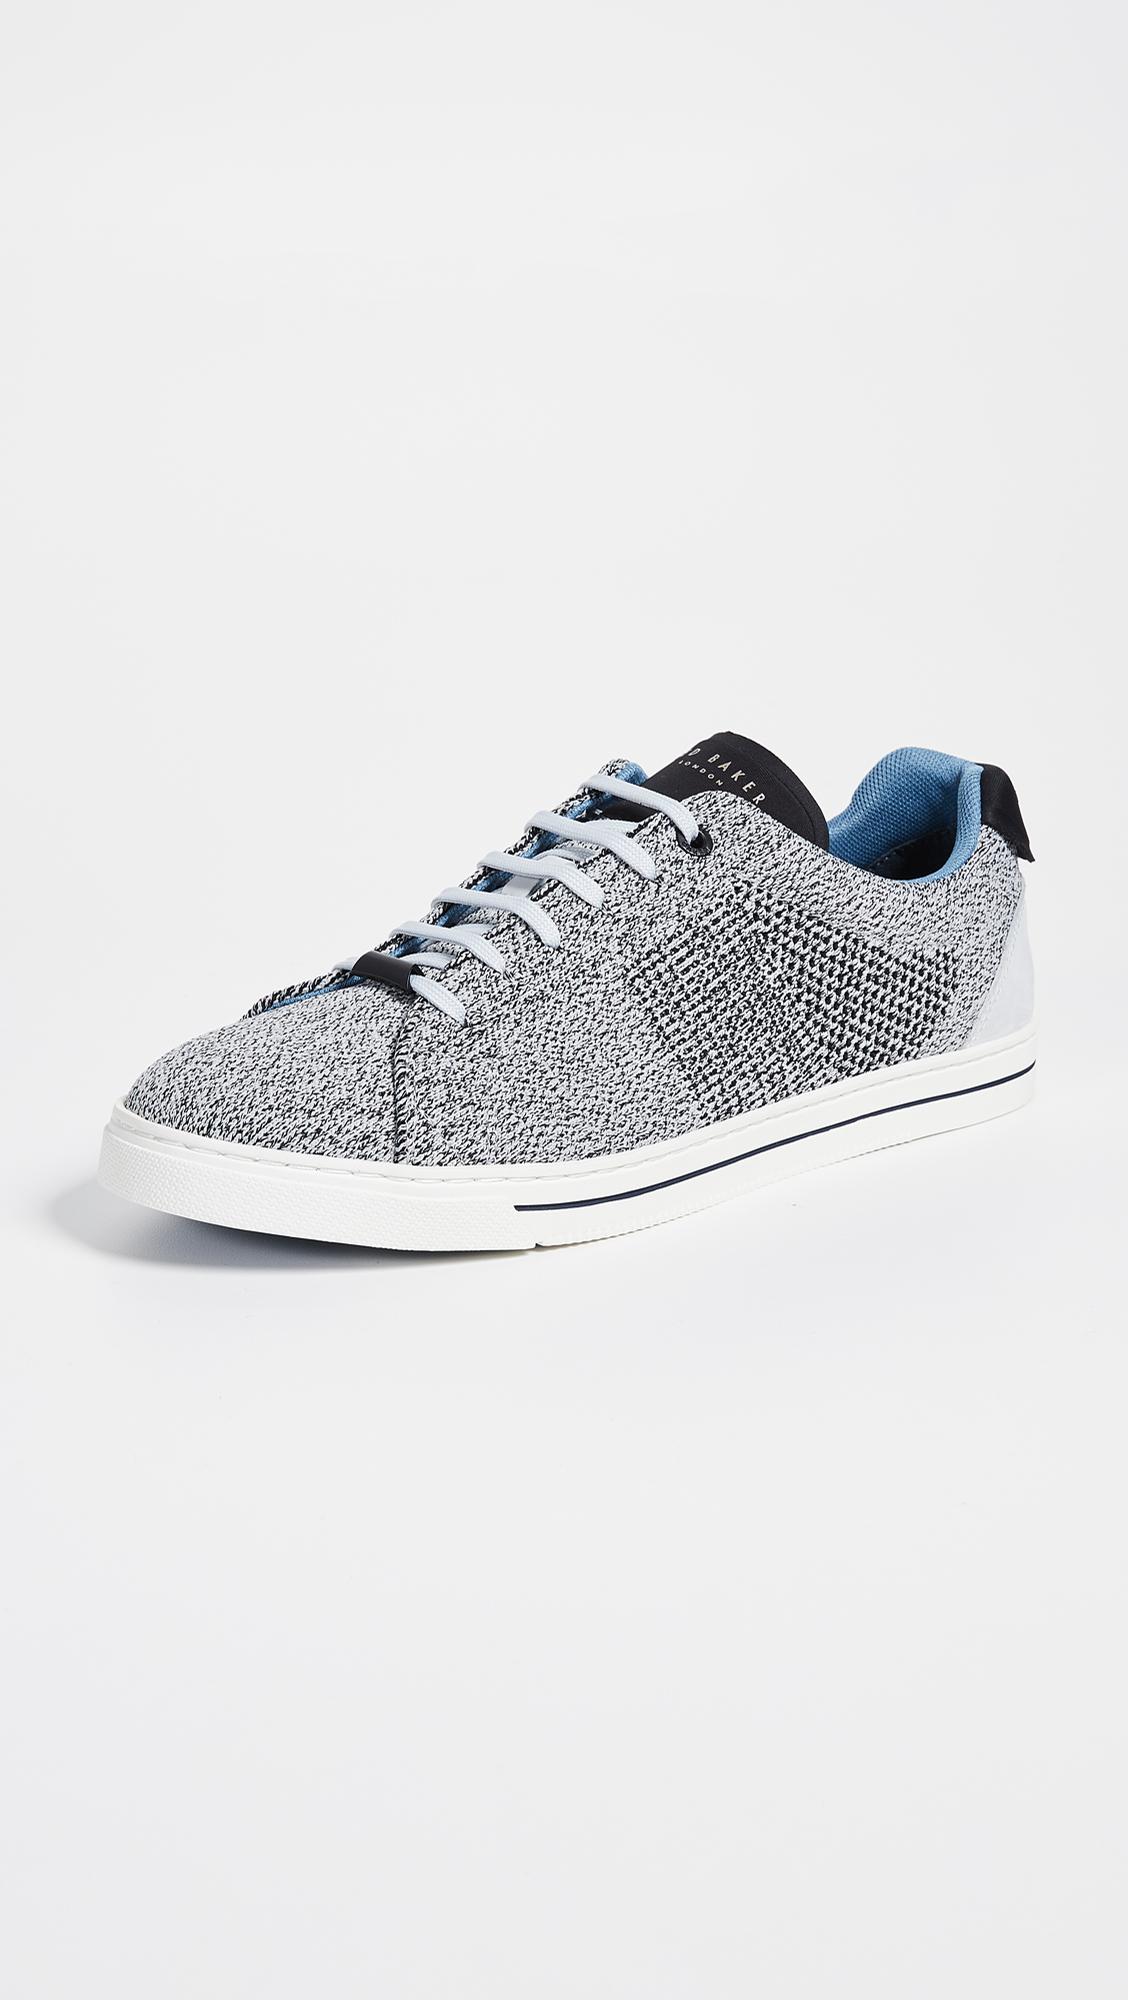 83084e0c72ee11 Ted Baker Plowns Flyknit Sneakers | EAST DANE